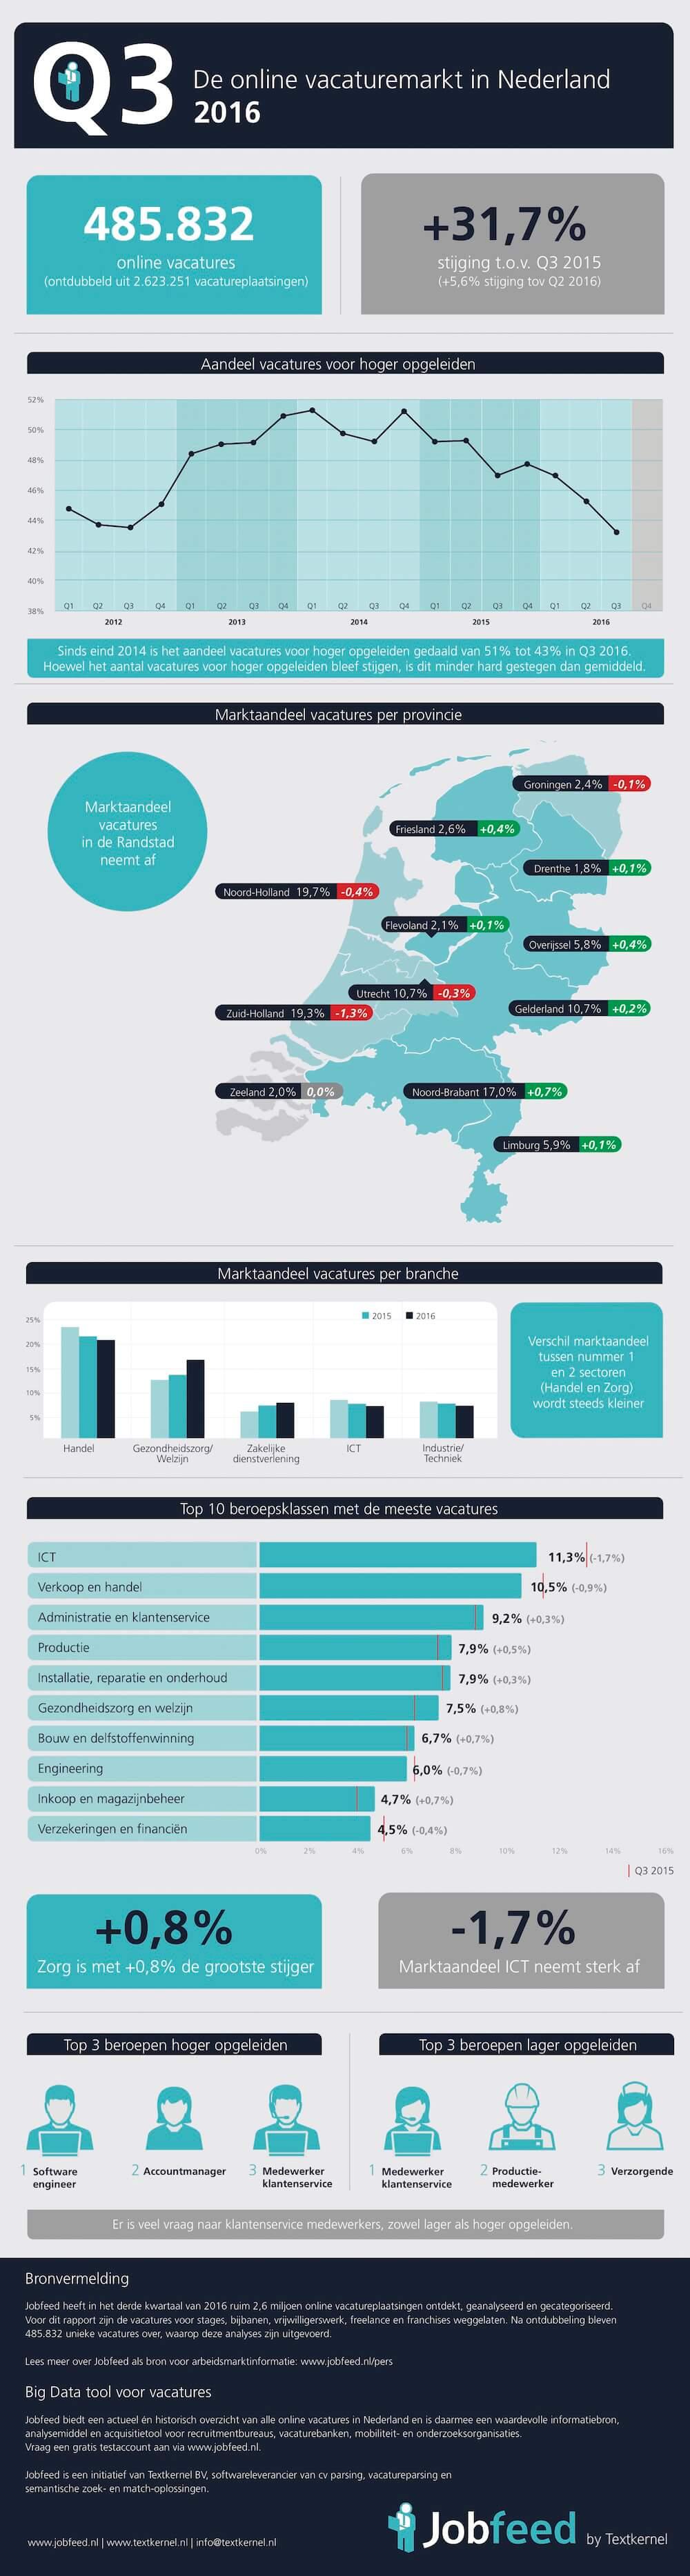 nederlandse-online-vacaturemarkt-q3-2016-jobfeed-2